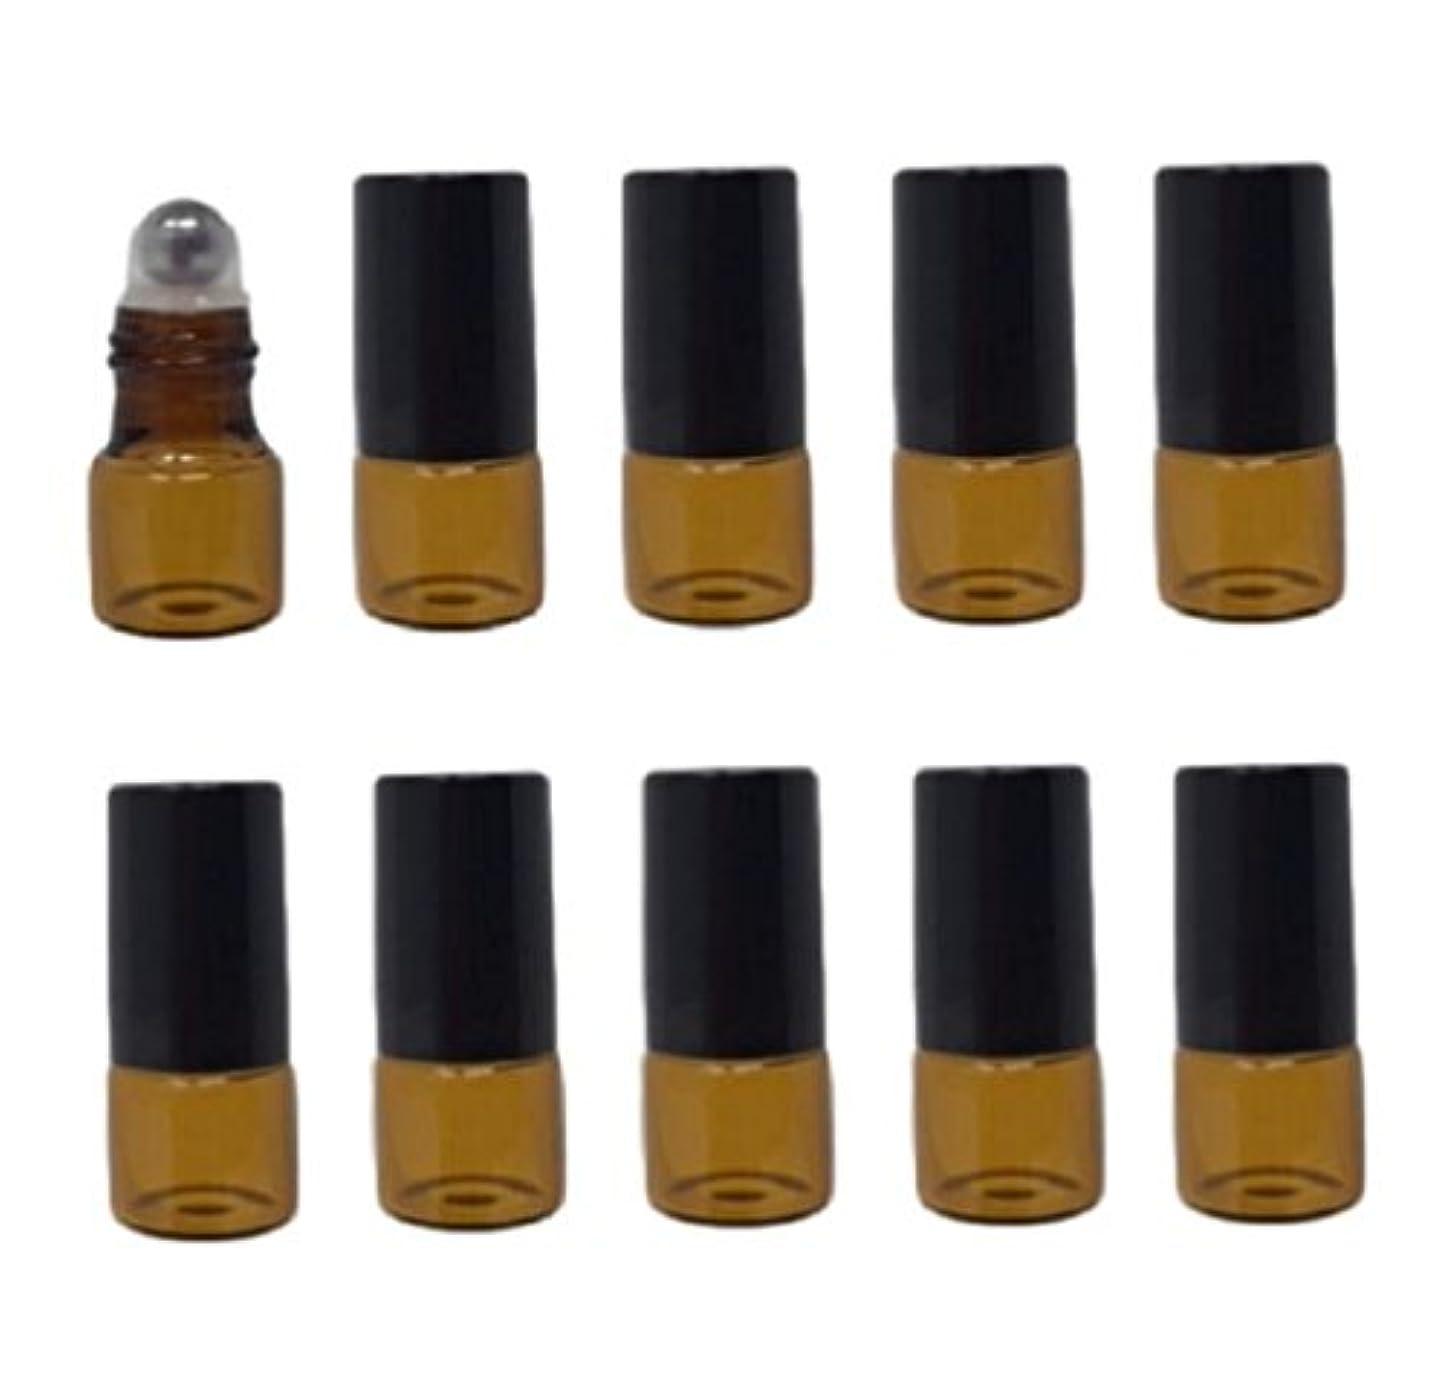 先史時代の有用シート(pkpohs) ロールオンボトル 10本セット 小分け ボトル ガラス 瓶 ロールタイプ ガラスボール アロマオイル 香水 (ブラウン, 2ml)